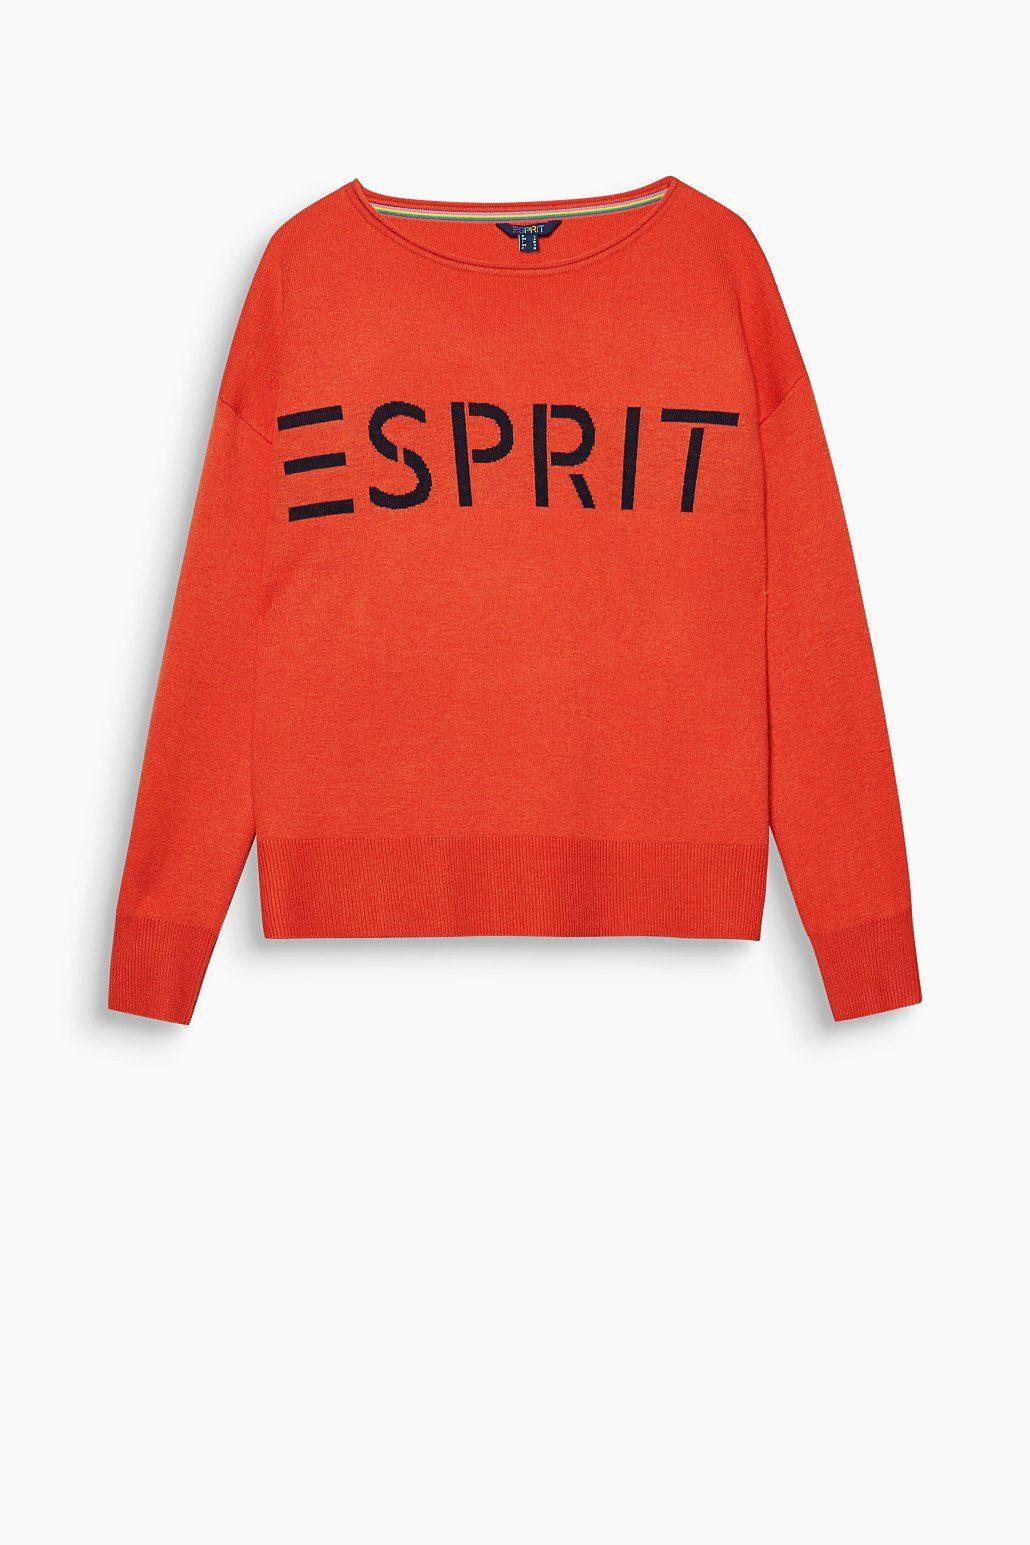 Esprit Pullover in Organe auf meinem Modeblog